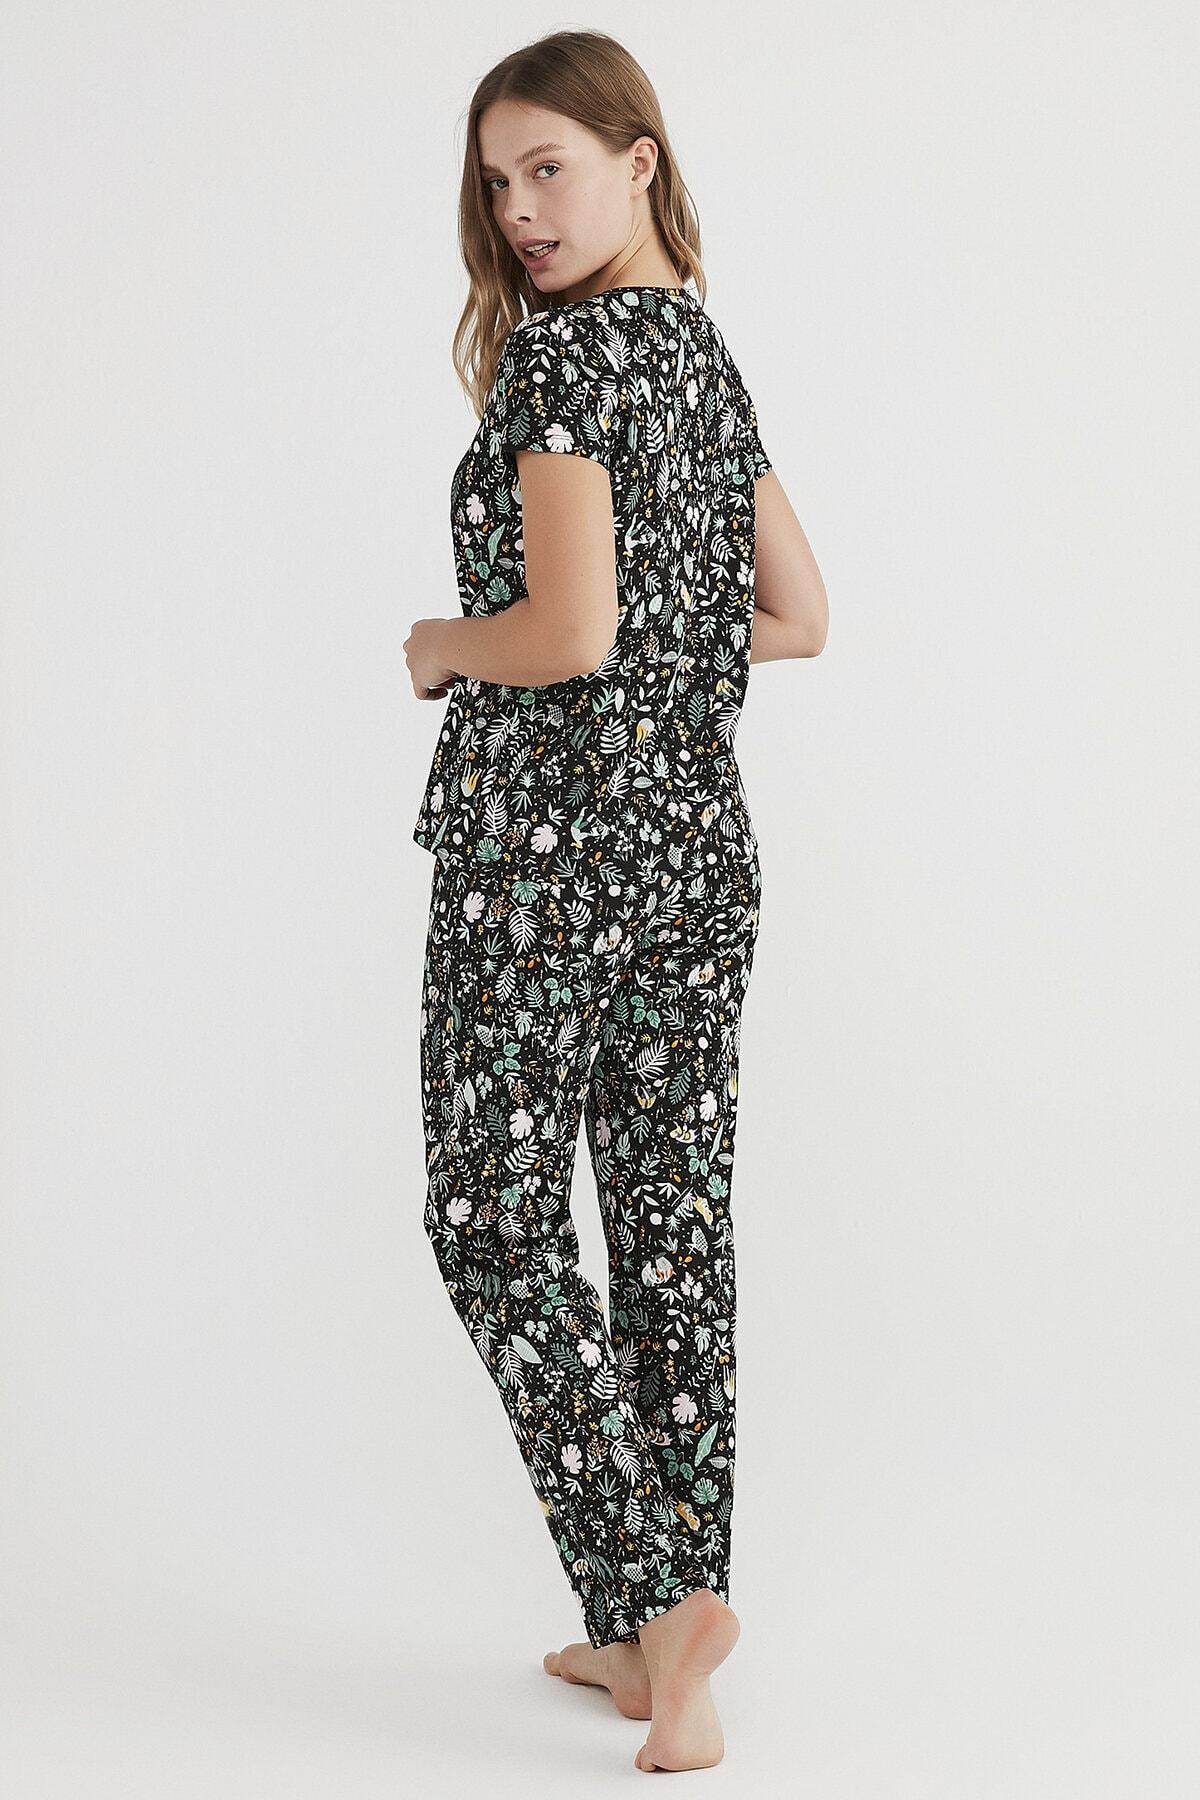 Penti Kadın Çok Renkli Gardening Pijama Takımı 3